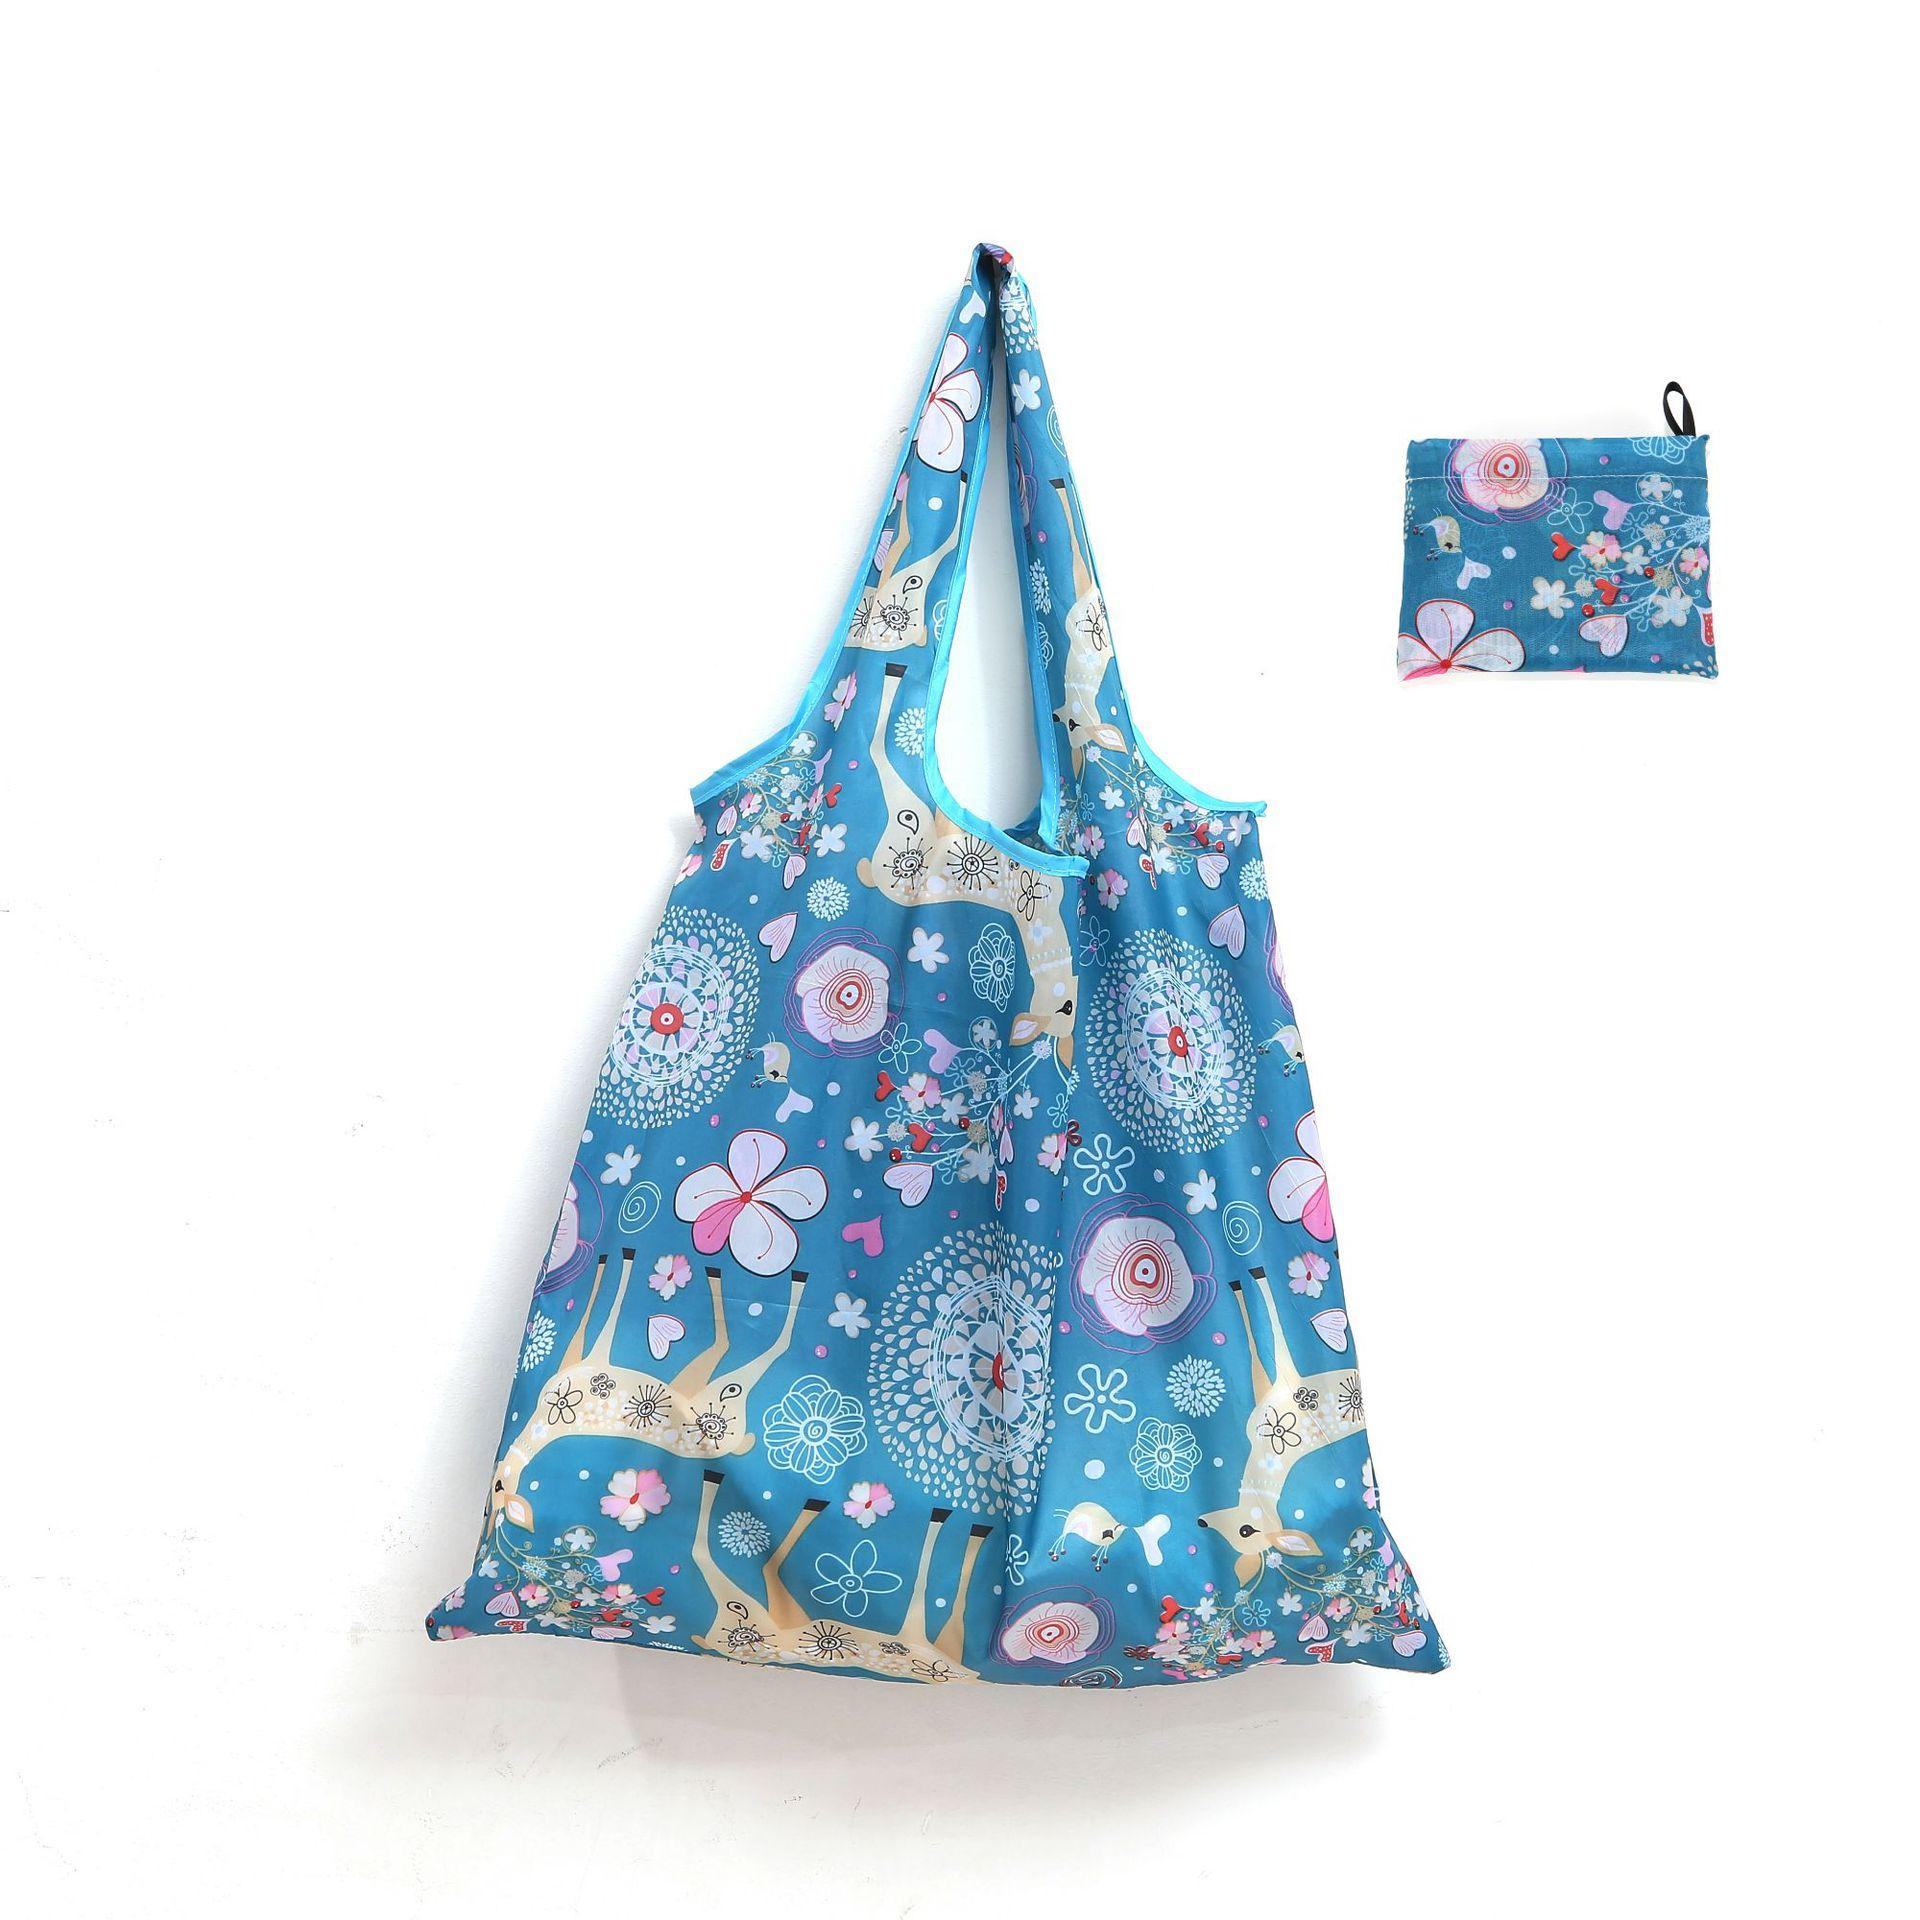 46 * 40см Мягкая складная Корзина Большой мешок полиэстер портативный мешок бесплатная доставка подарков нейлон Складная многоразовый Eco-Friendly выполненное на заказ